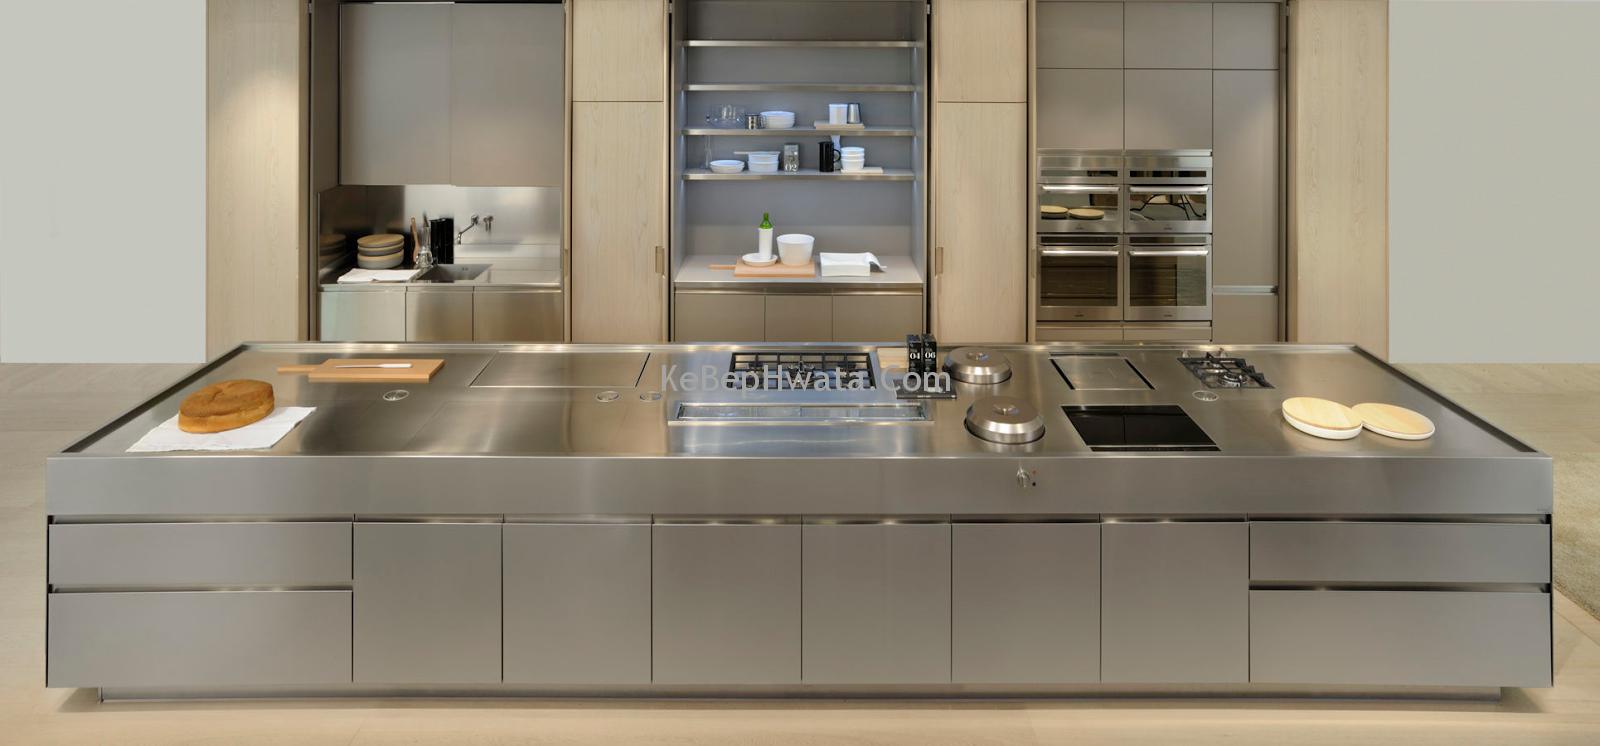 Tủ bếp inox sáng bóng, bền đẹp, giá thành hợp lý.